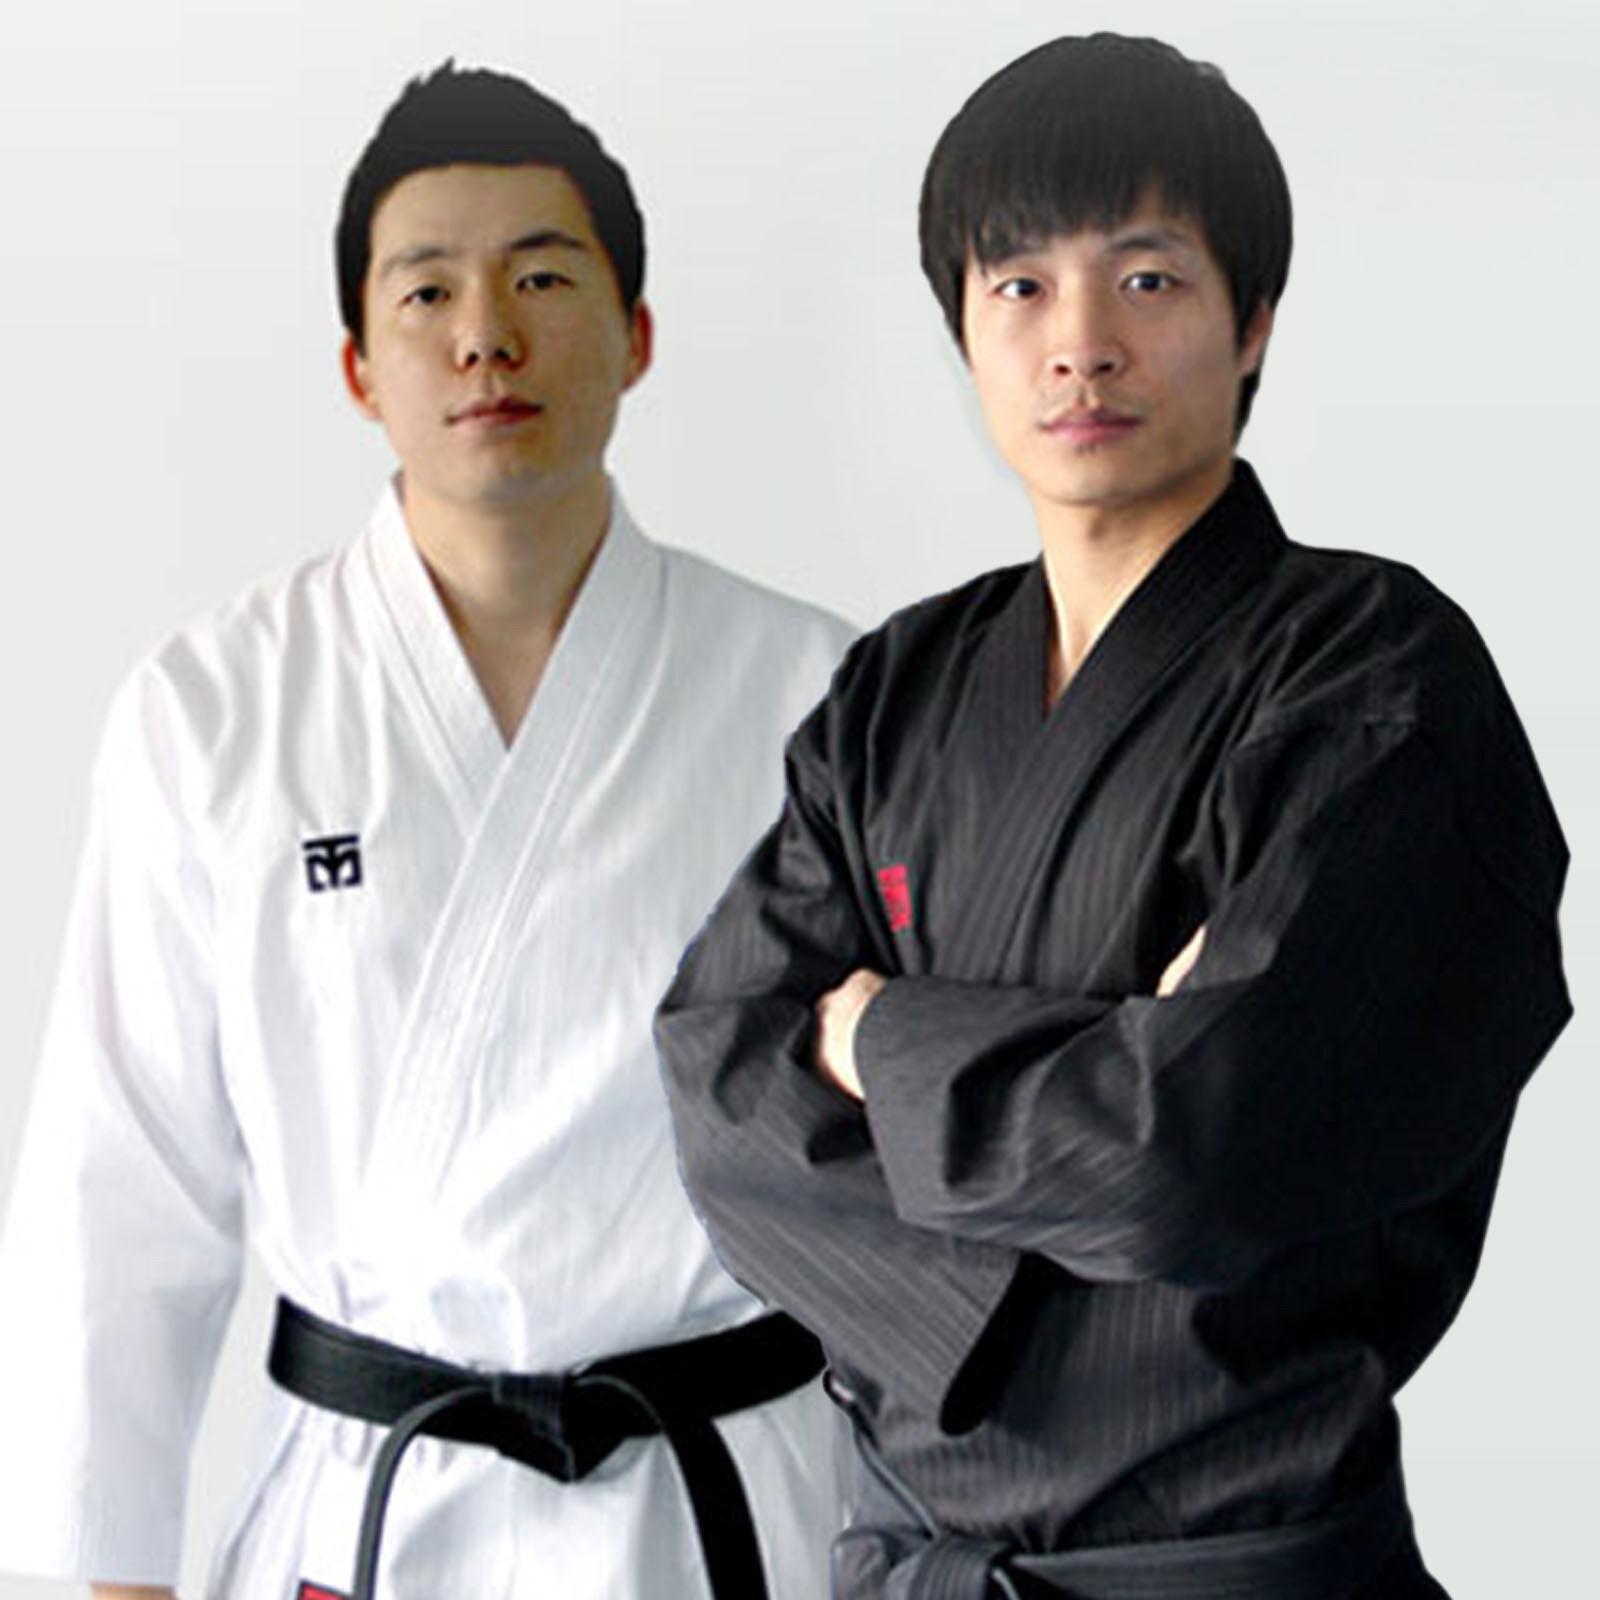 TKD Wrap Suits Mooto Open uniformannen wit zwart Doboks WTF Taekwondo Martial Arts